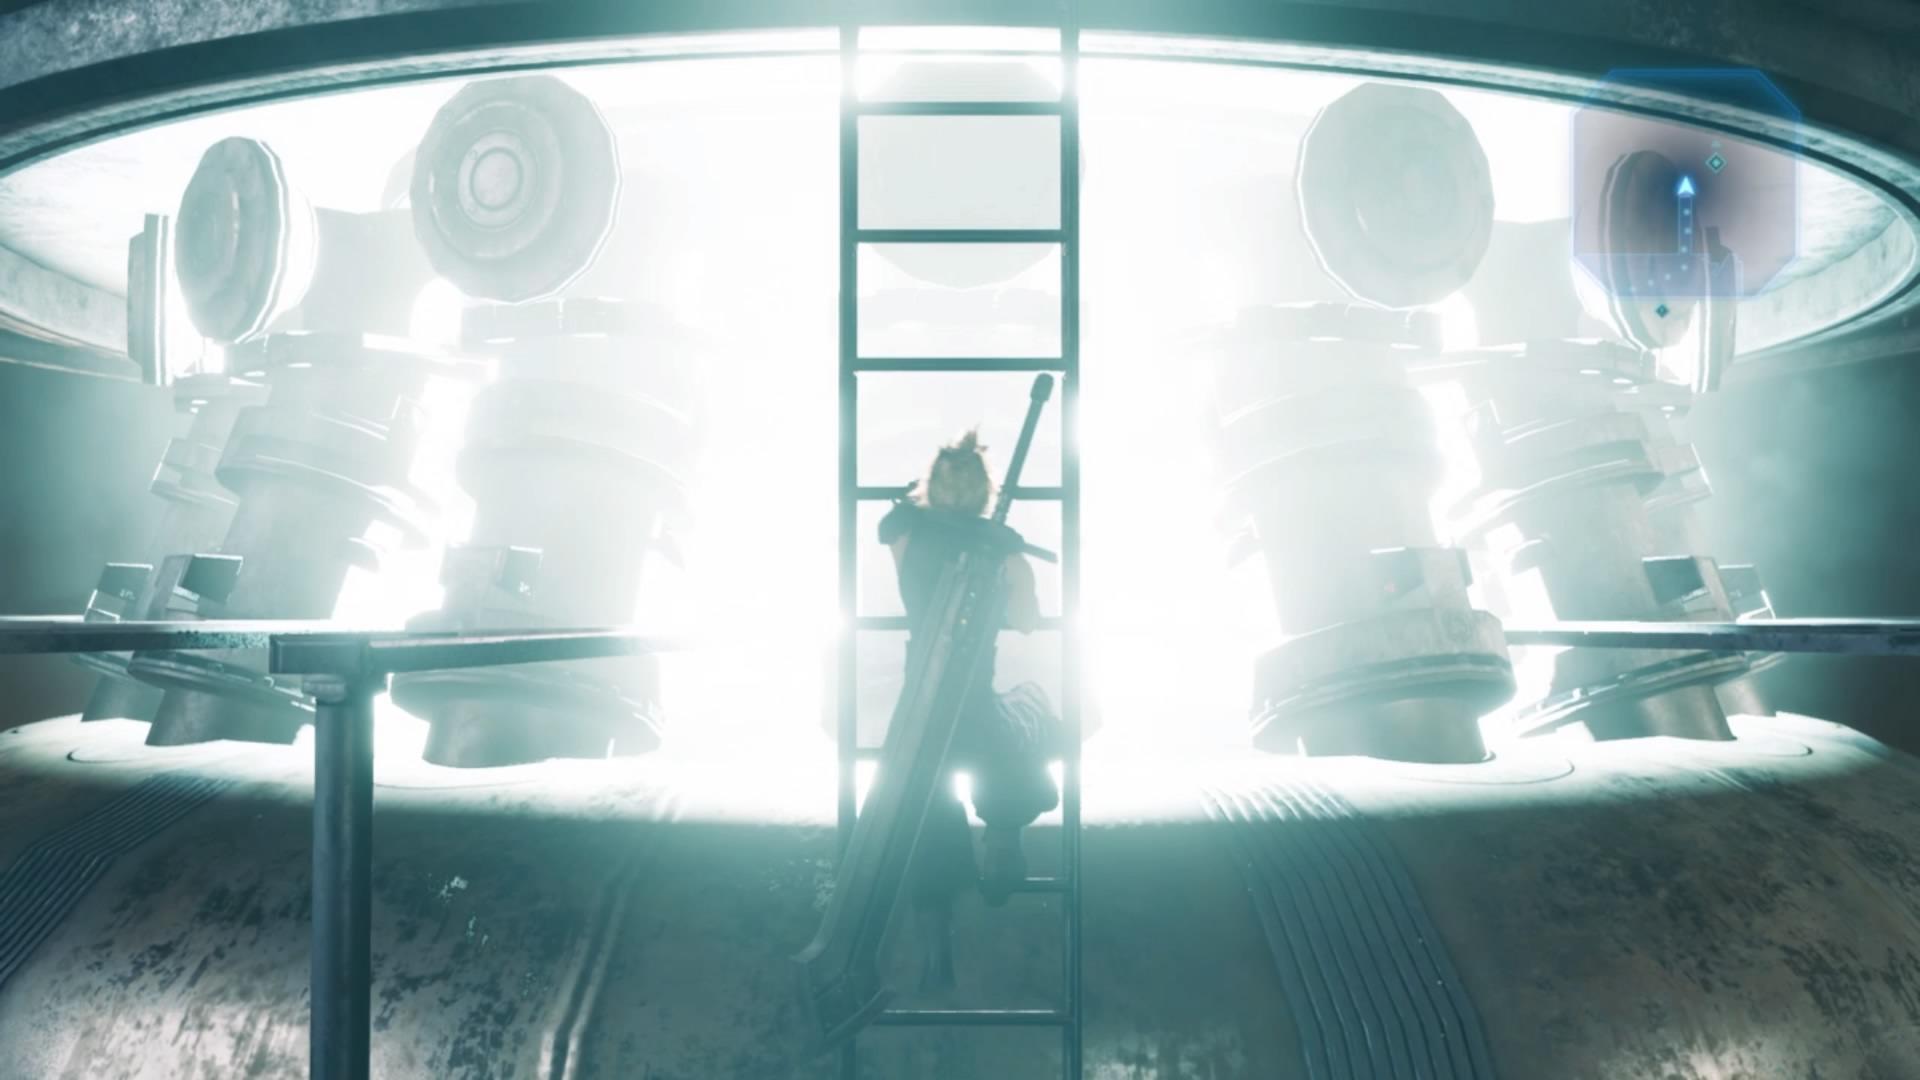 【FF7REMAKE】第23回攻略・感想 次なる大迷宮へ!神羅は施設の管理しっかりしてく